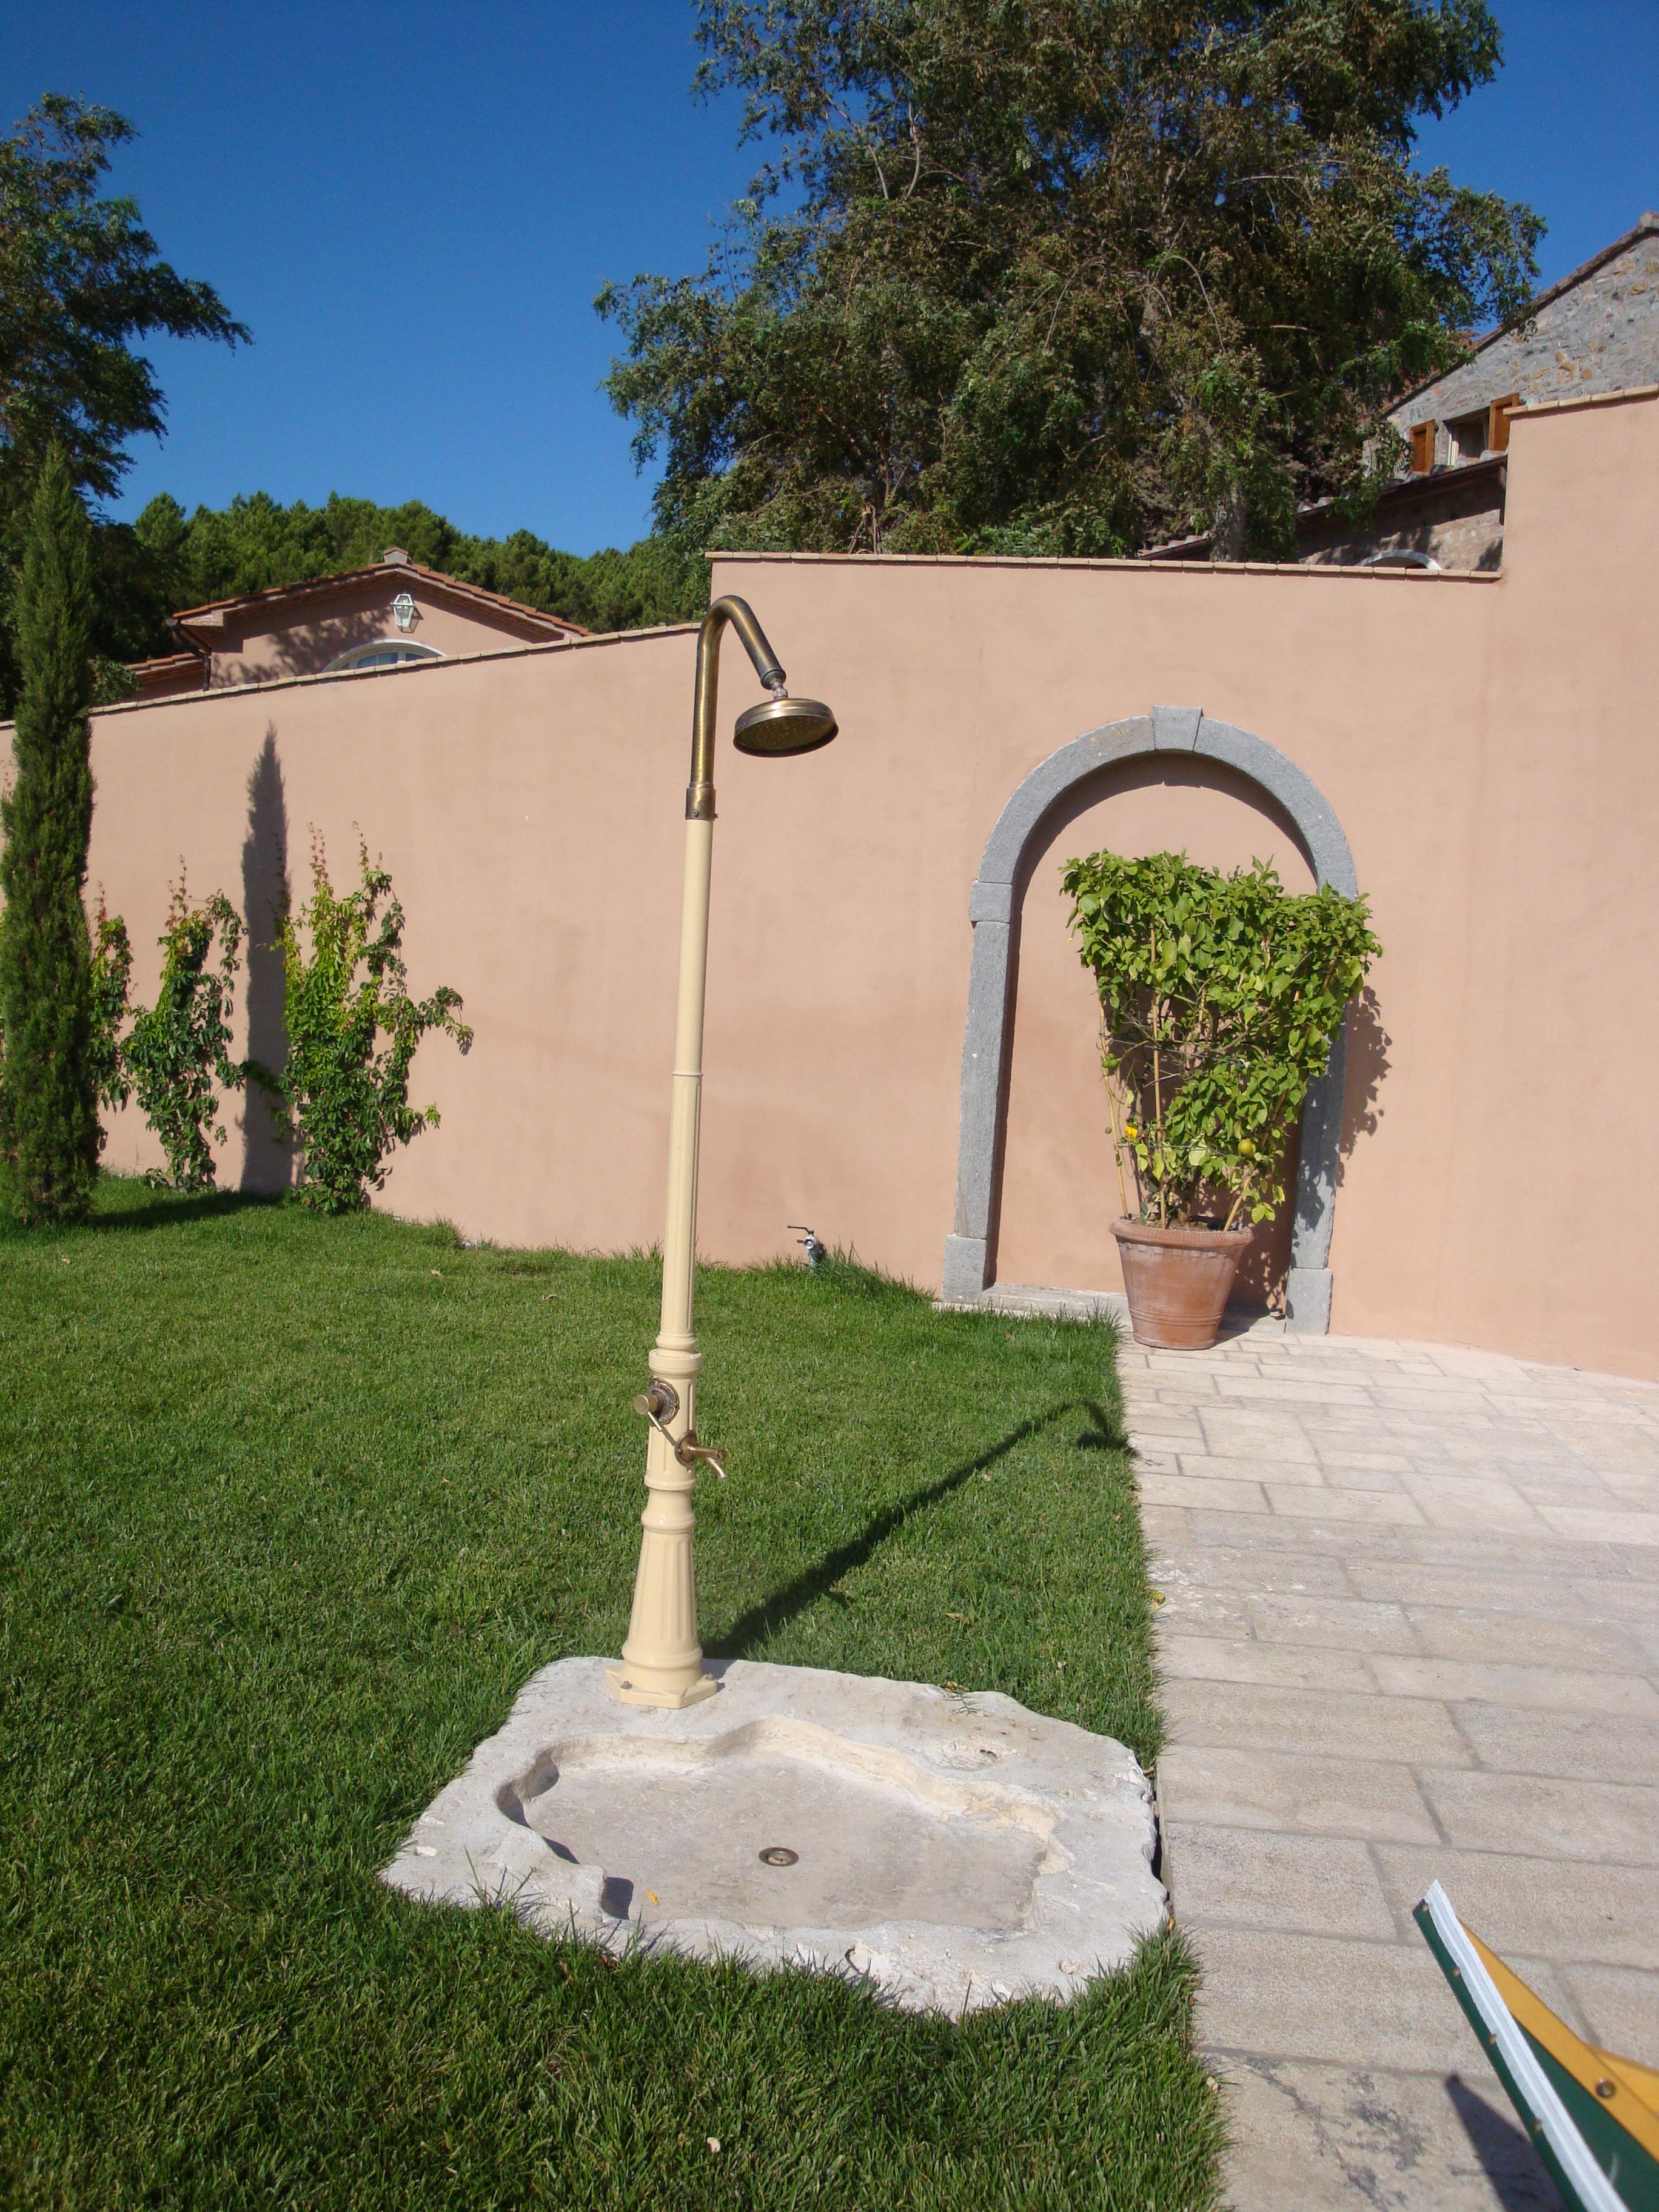 301 moved permanently - Piatto doccia per esterno ...